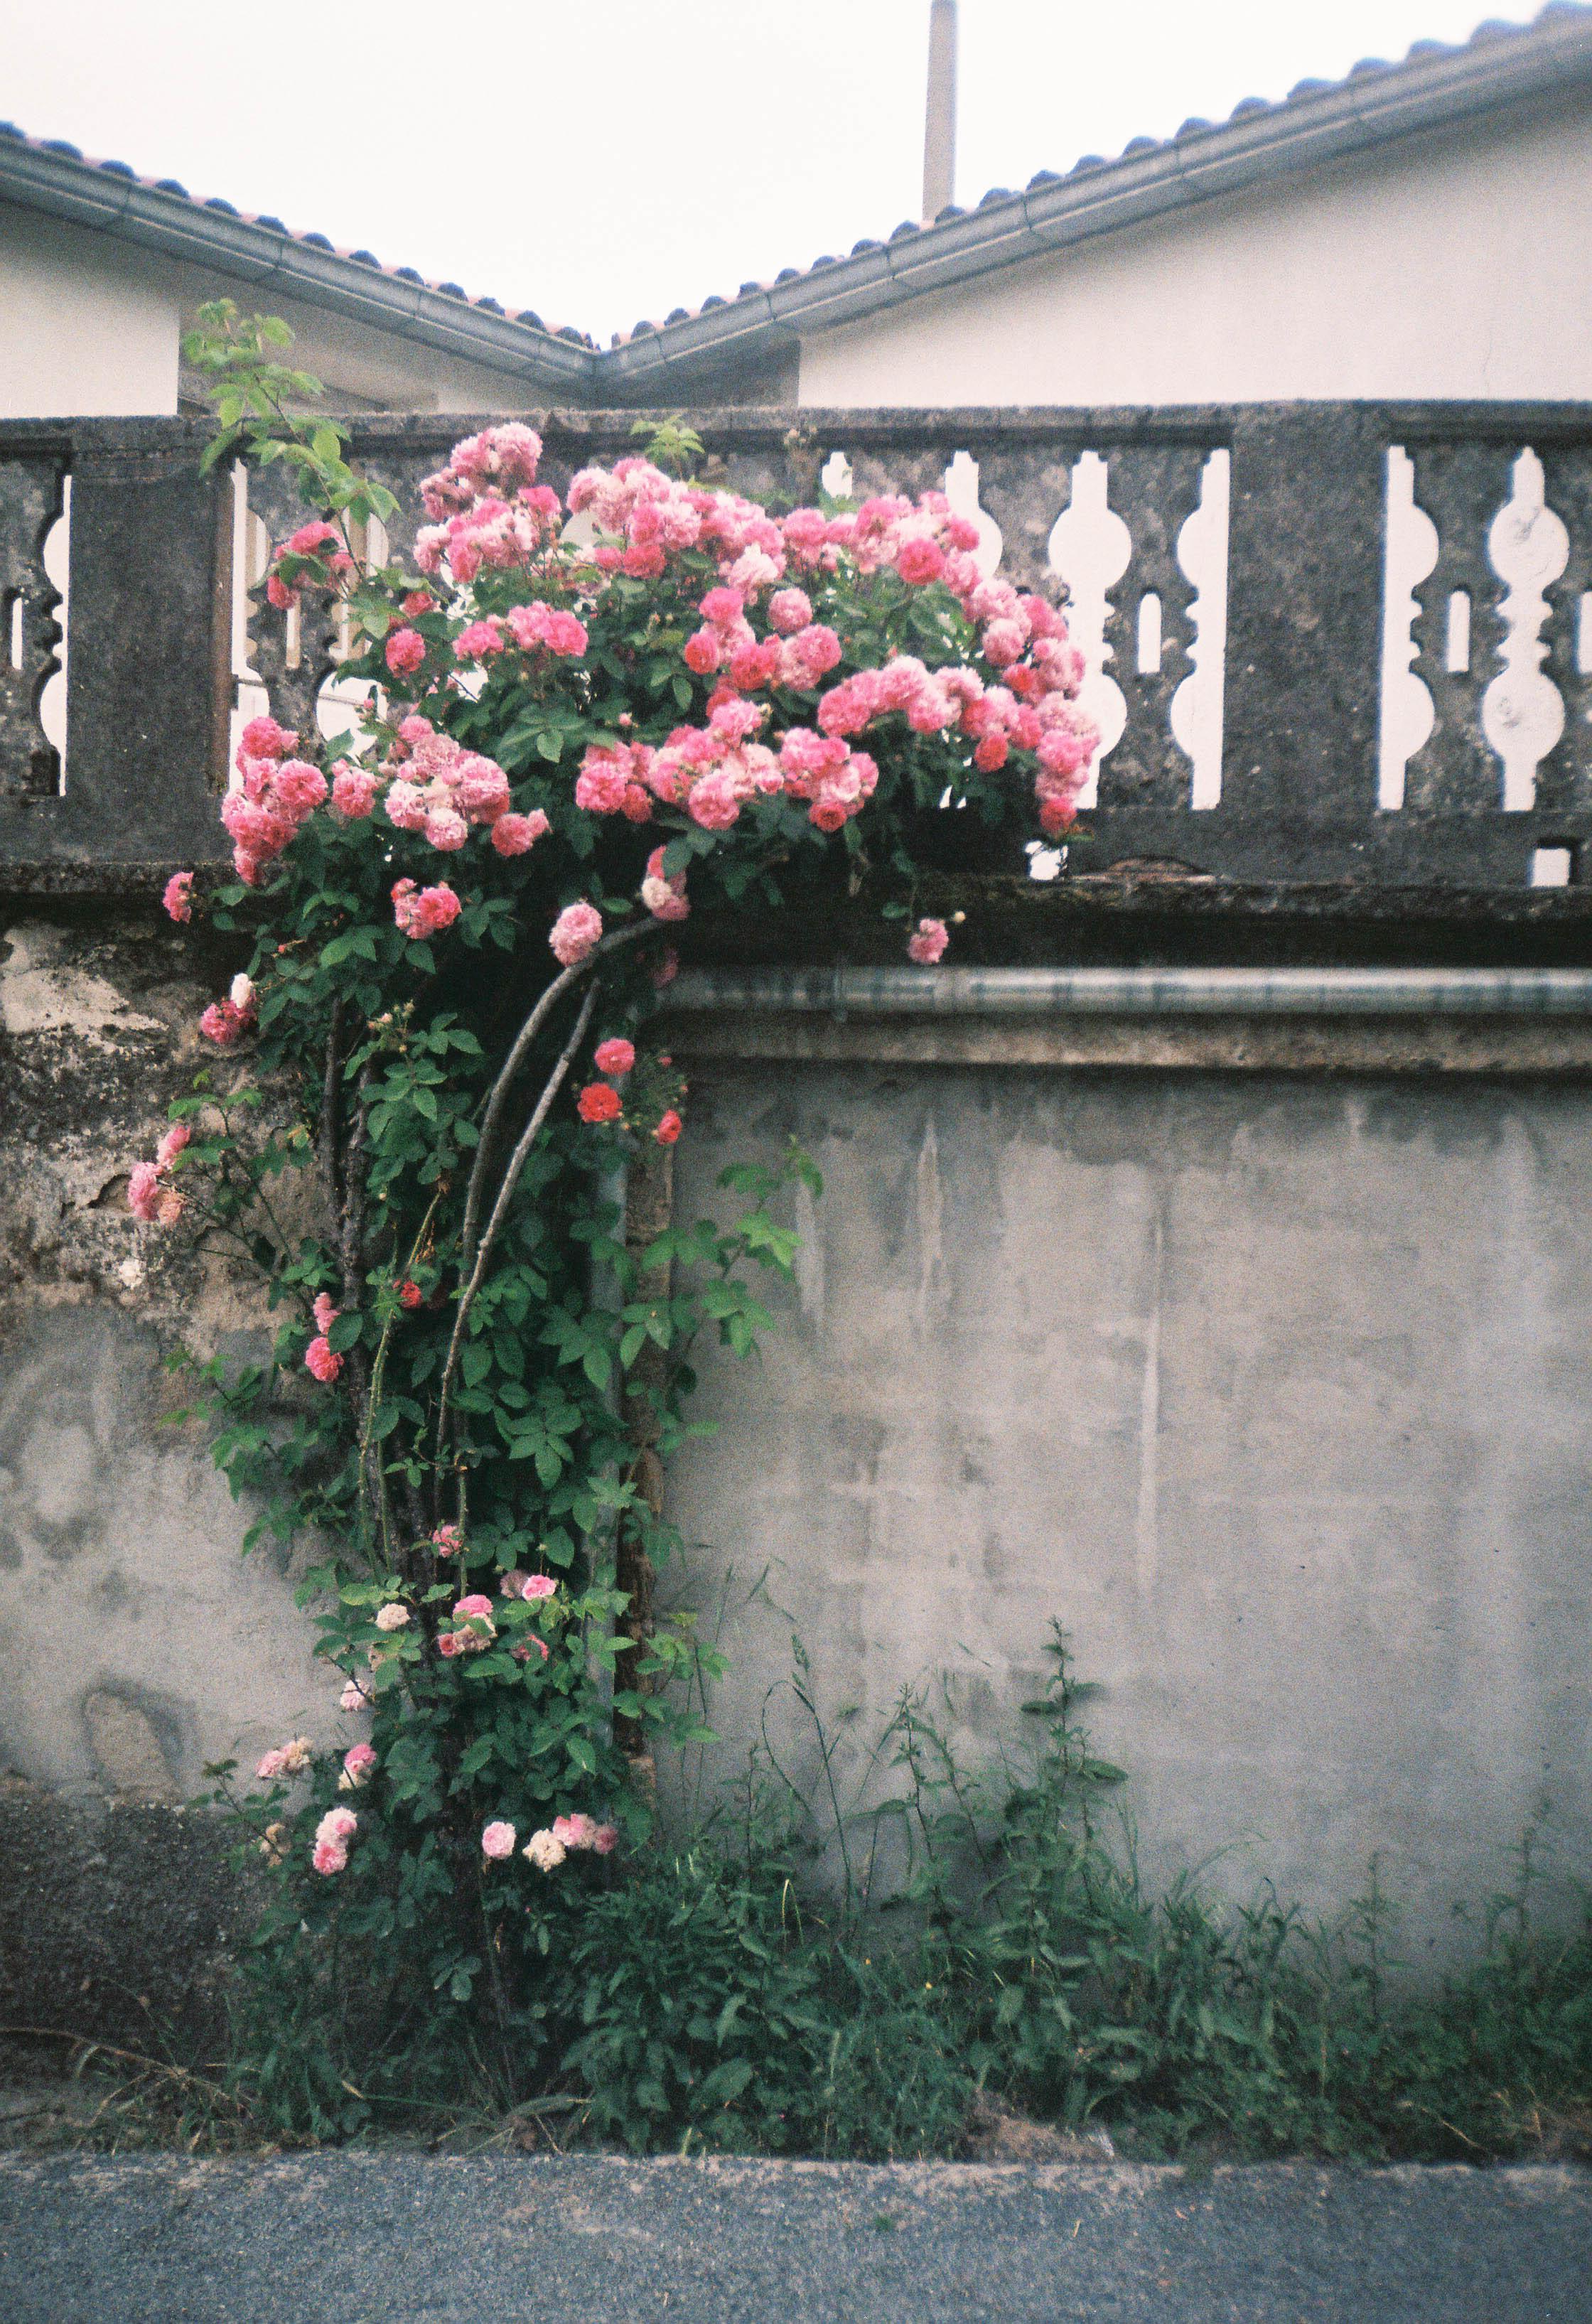 http://lafilladelfotografu.irenavisa.com/files/gimgs/97_f1000009-1.jpg